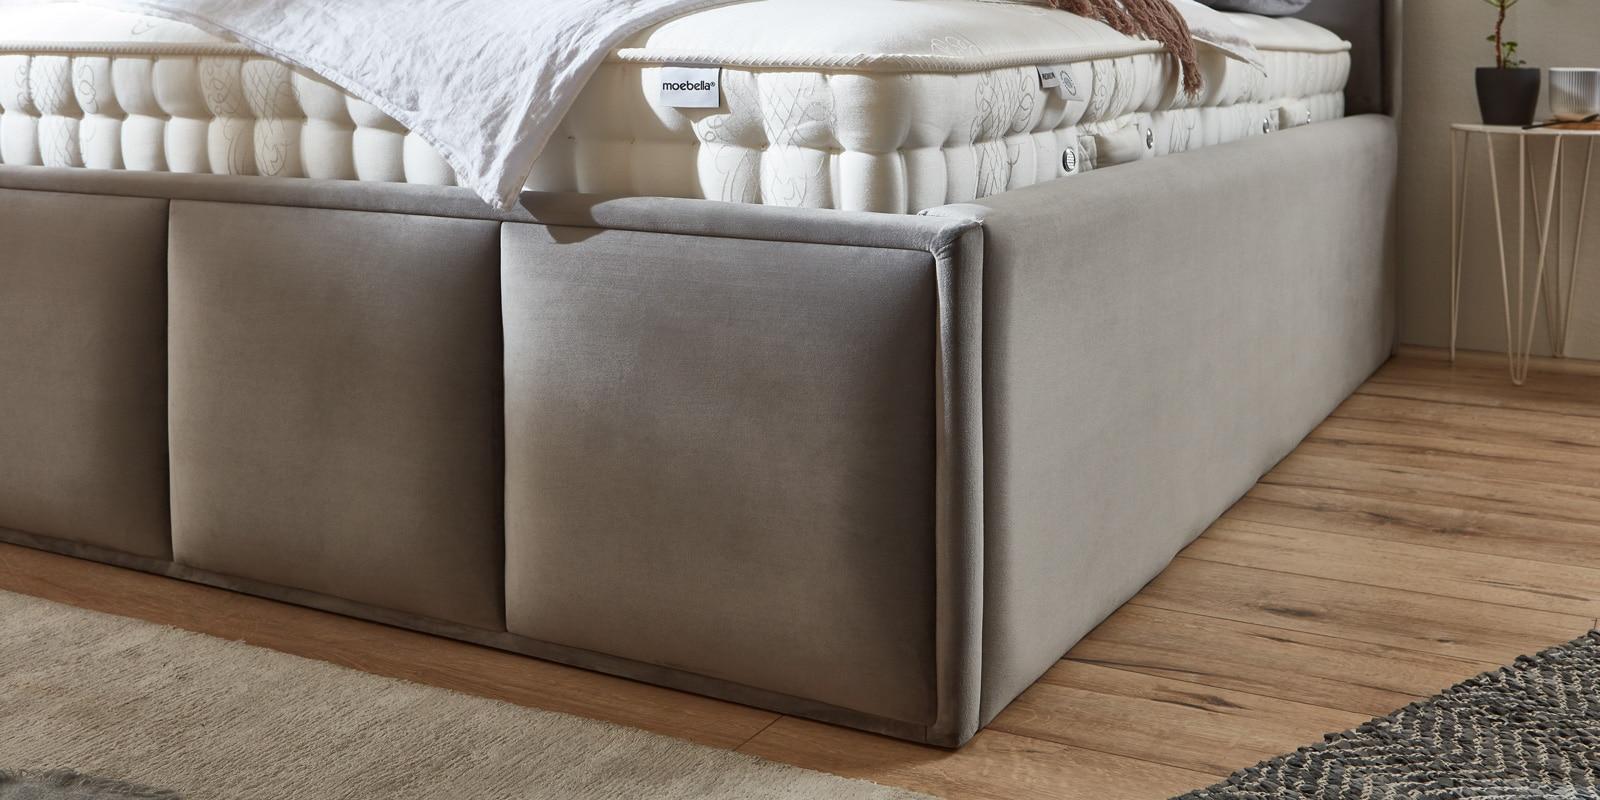 Bett mit Bettkasten Neptun XXL Samt grau Stauraumbett Detail Fußblende